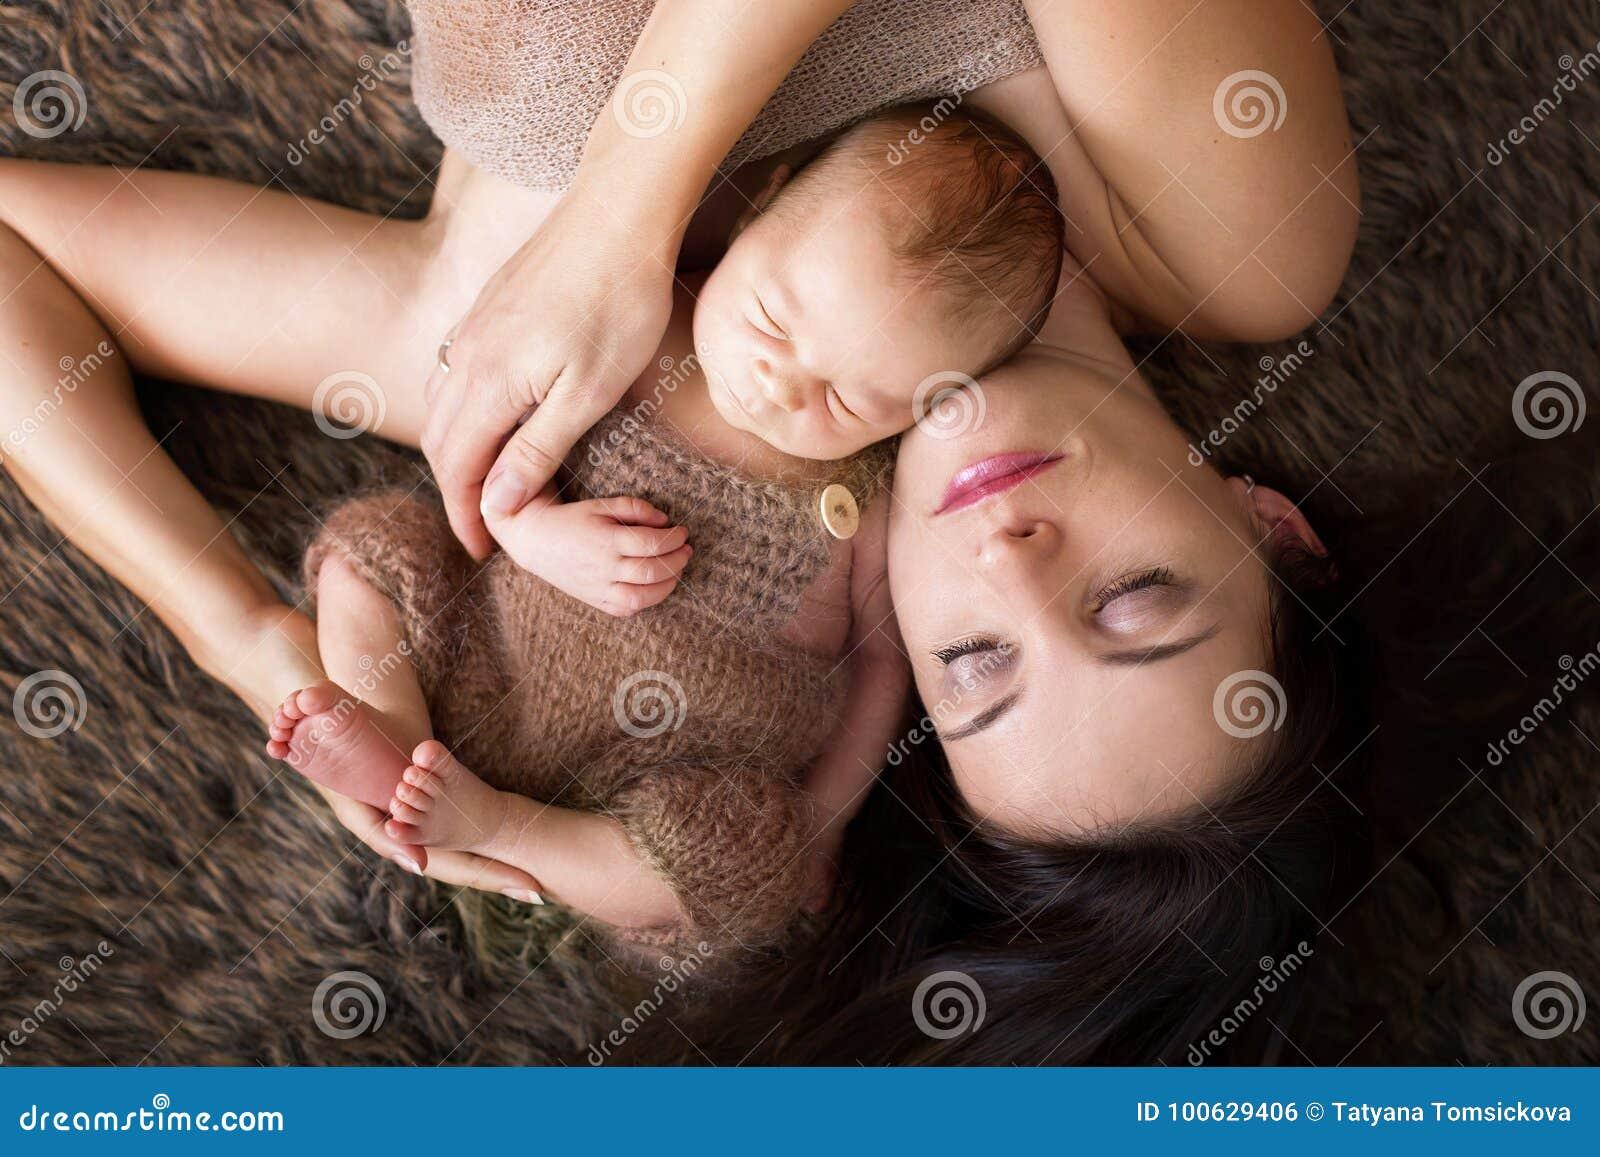 La bella madre che abbraccia con la tenerezza e se la preoccupa neonata